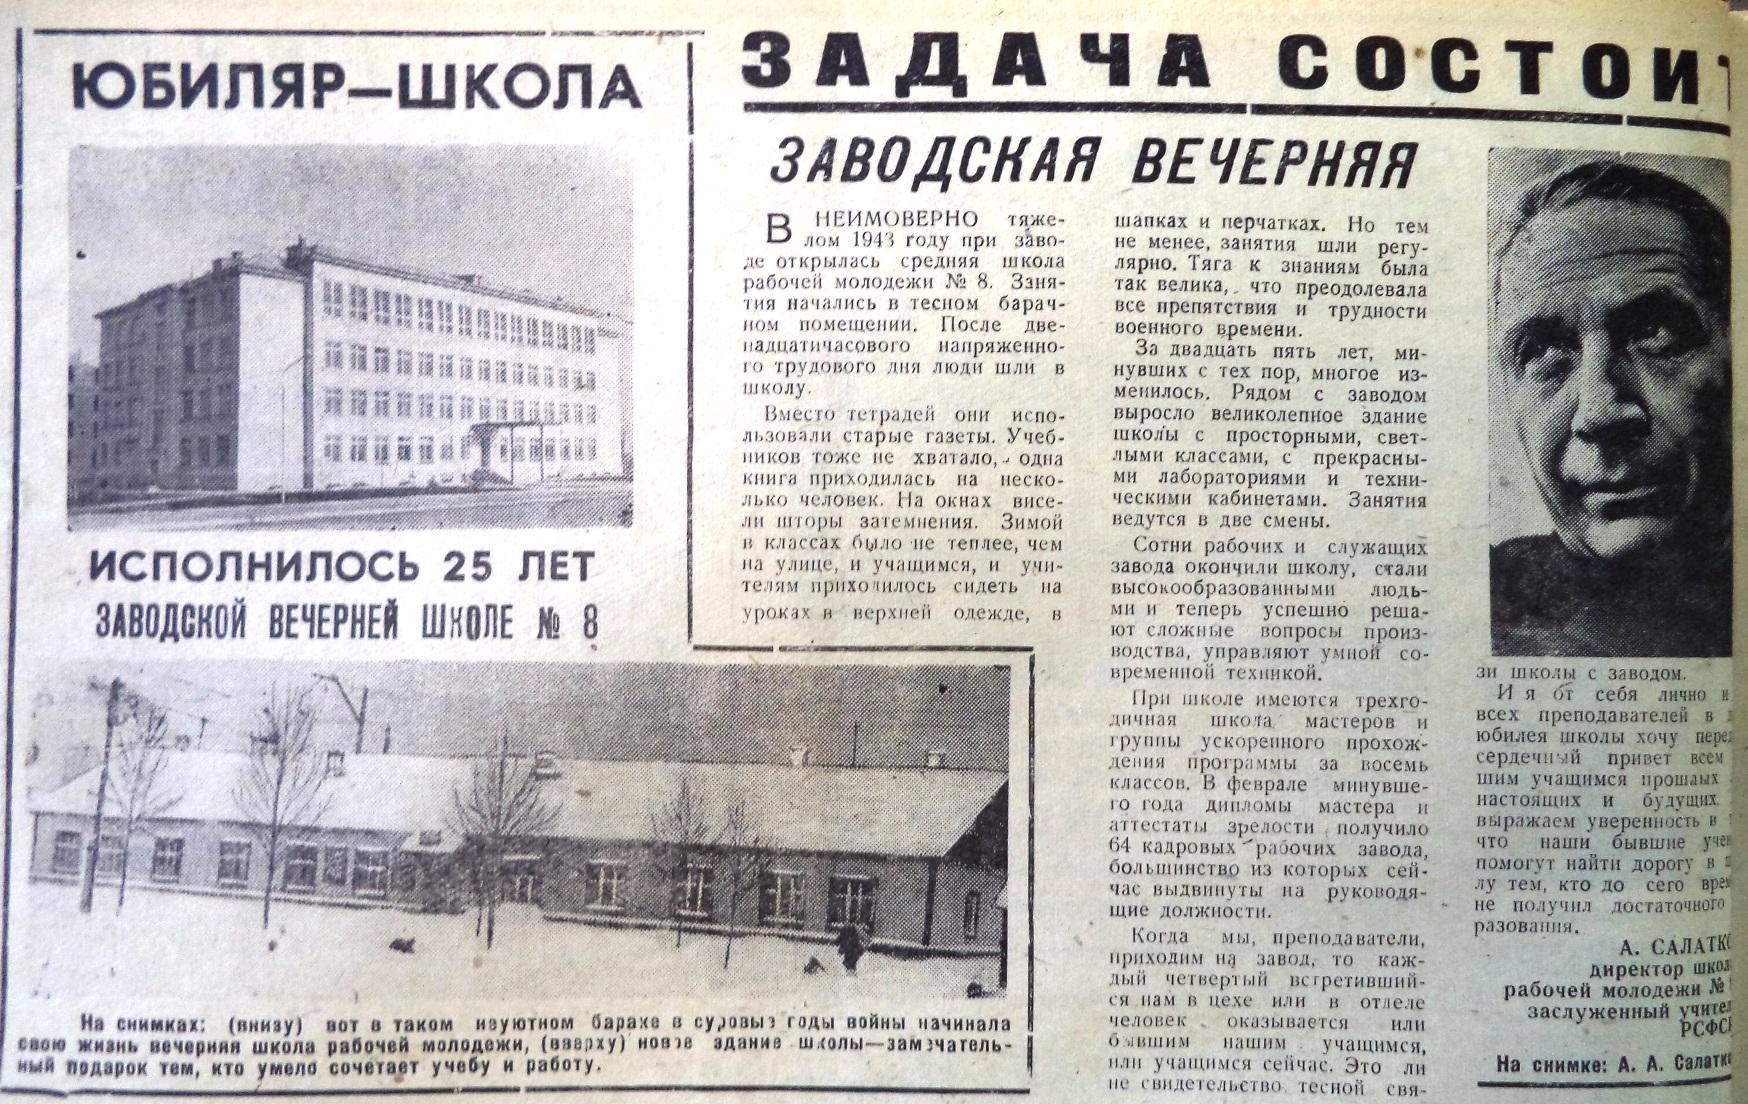 Земеца-ФОТО-17-За ударные темпы-1969-8 января